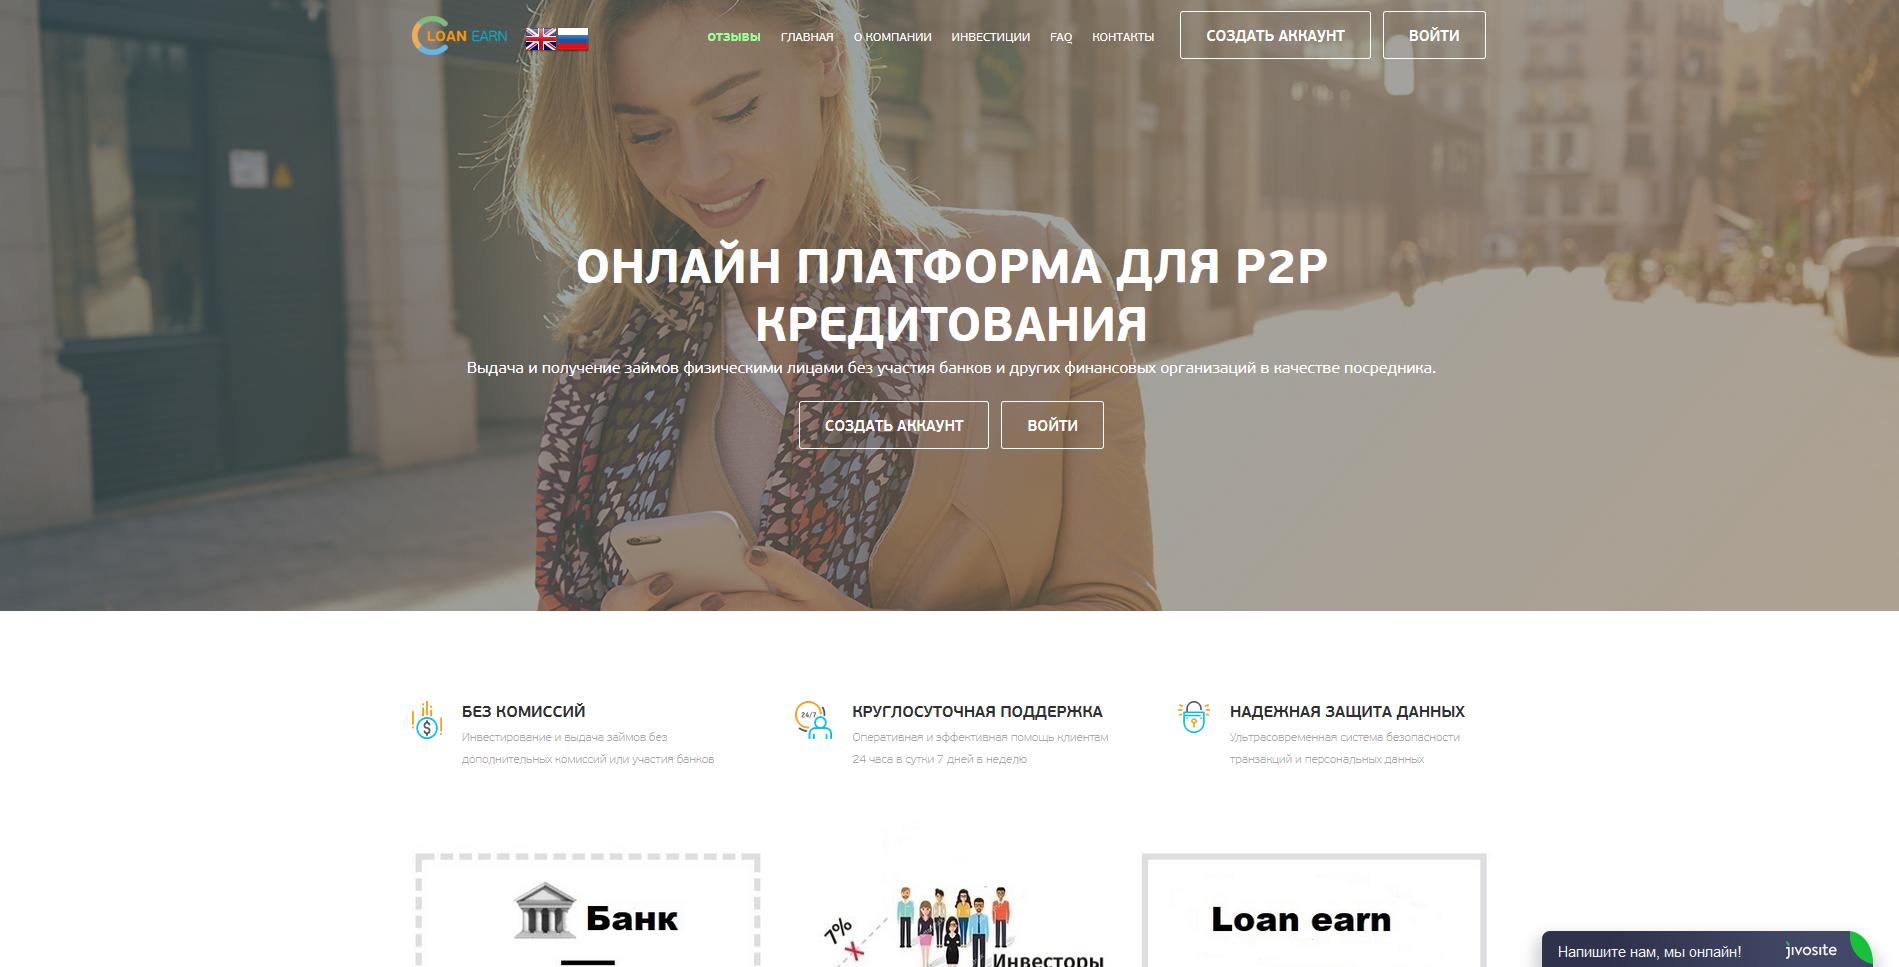 Loan Earn